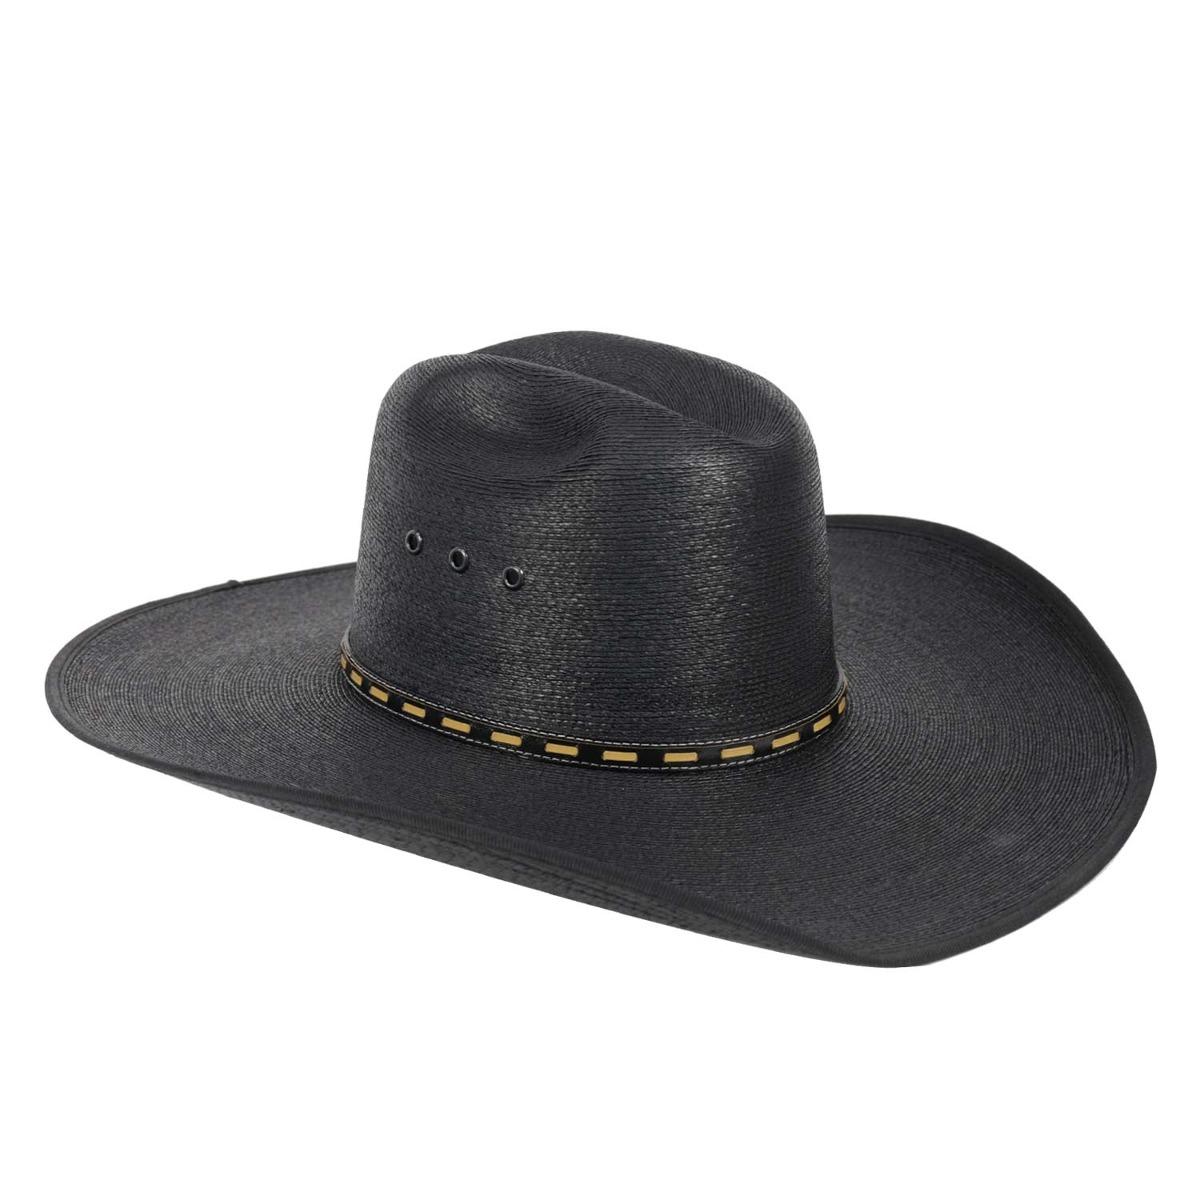 d6aa69c74a67d chapéu fernando e sorocaba country madri preto. Carregando zoom.